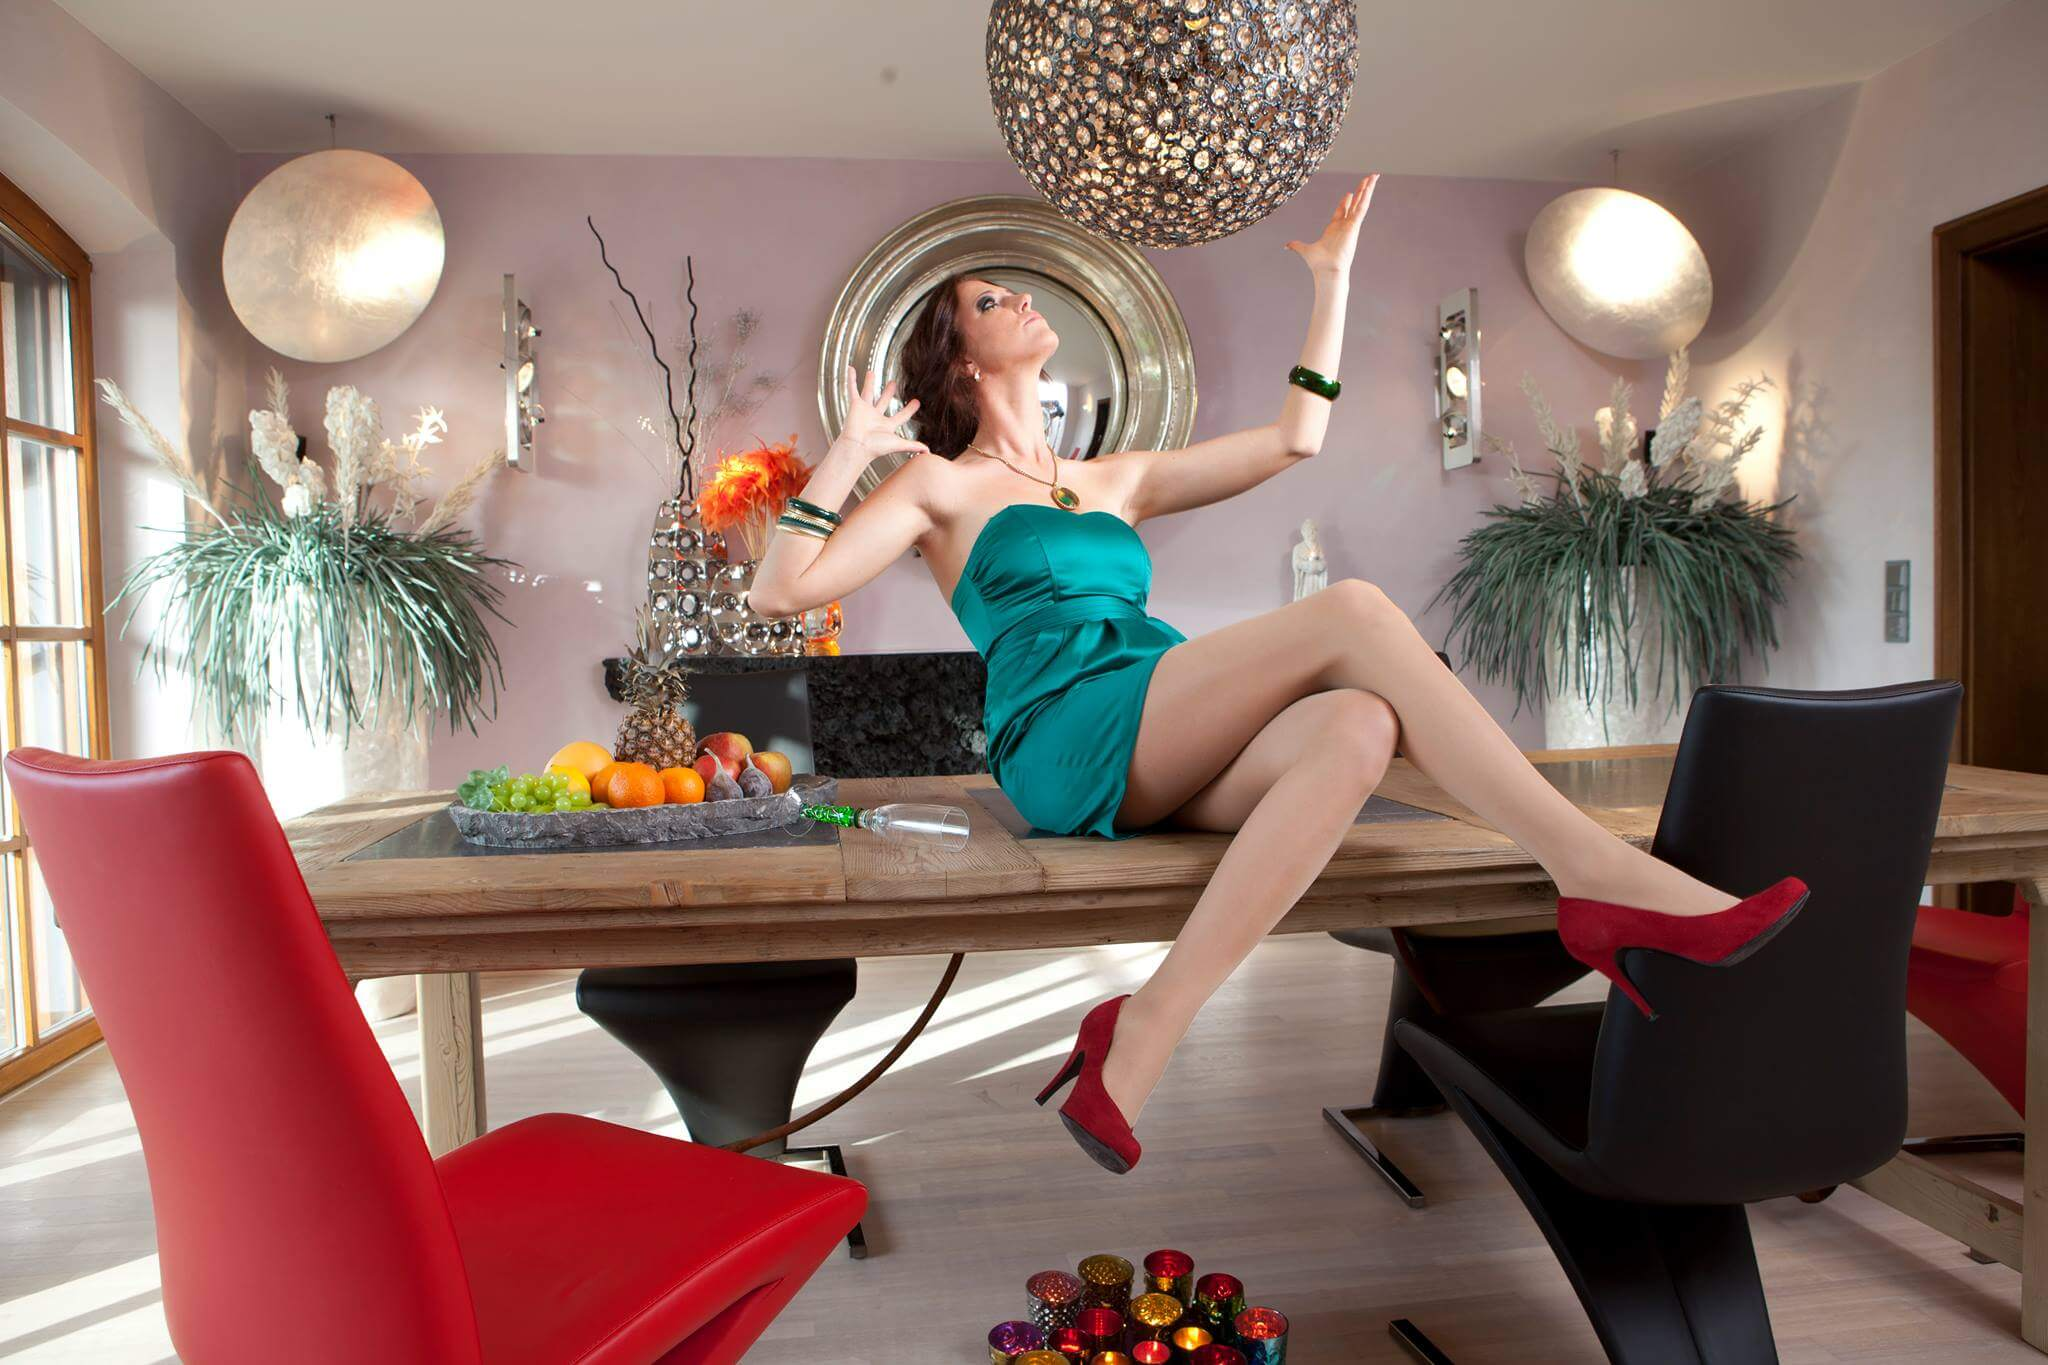 bad honnef weihnachtsshopping kein verkaufsoffener sonntag. Black Bedroom Furniture Sets. Home Design Ideas